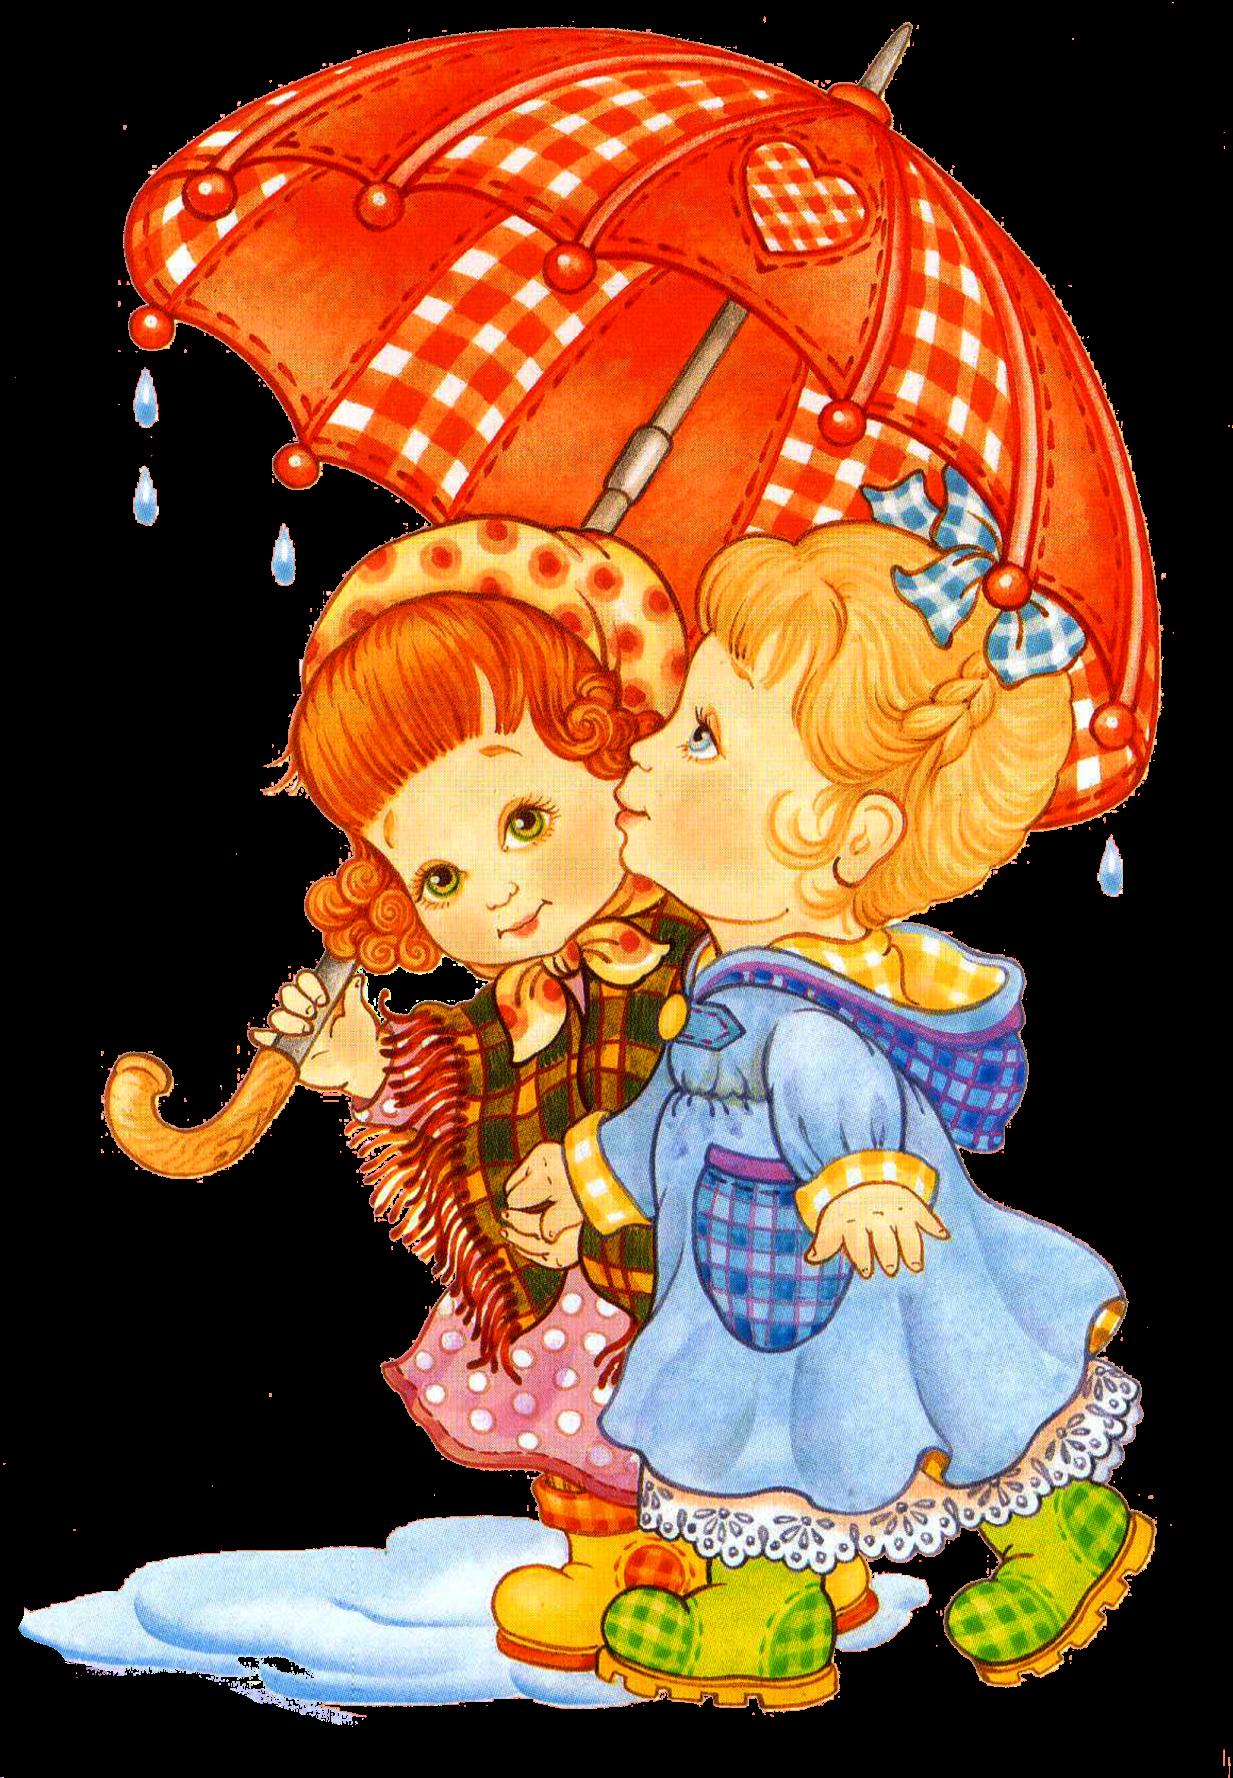 Рисунок прогулка под дождем | Детские картинки, Иллюстрации